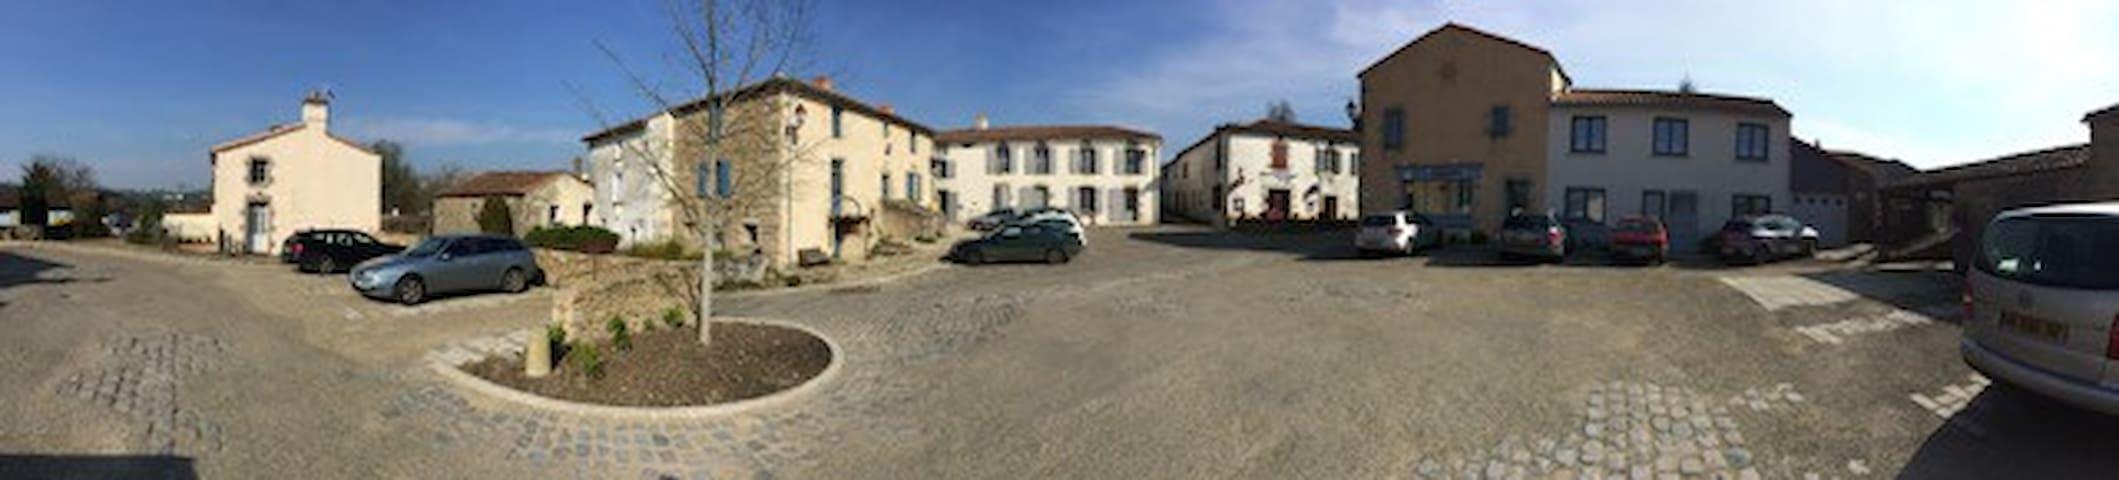 Gite DES TISSSERANDS  10 minutes du Puy du Fou